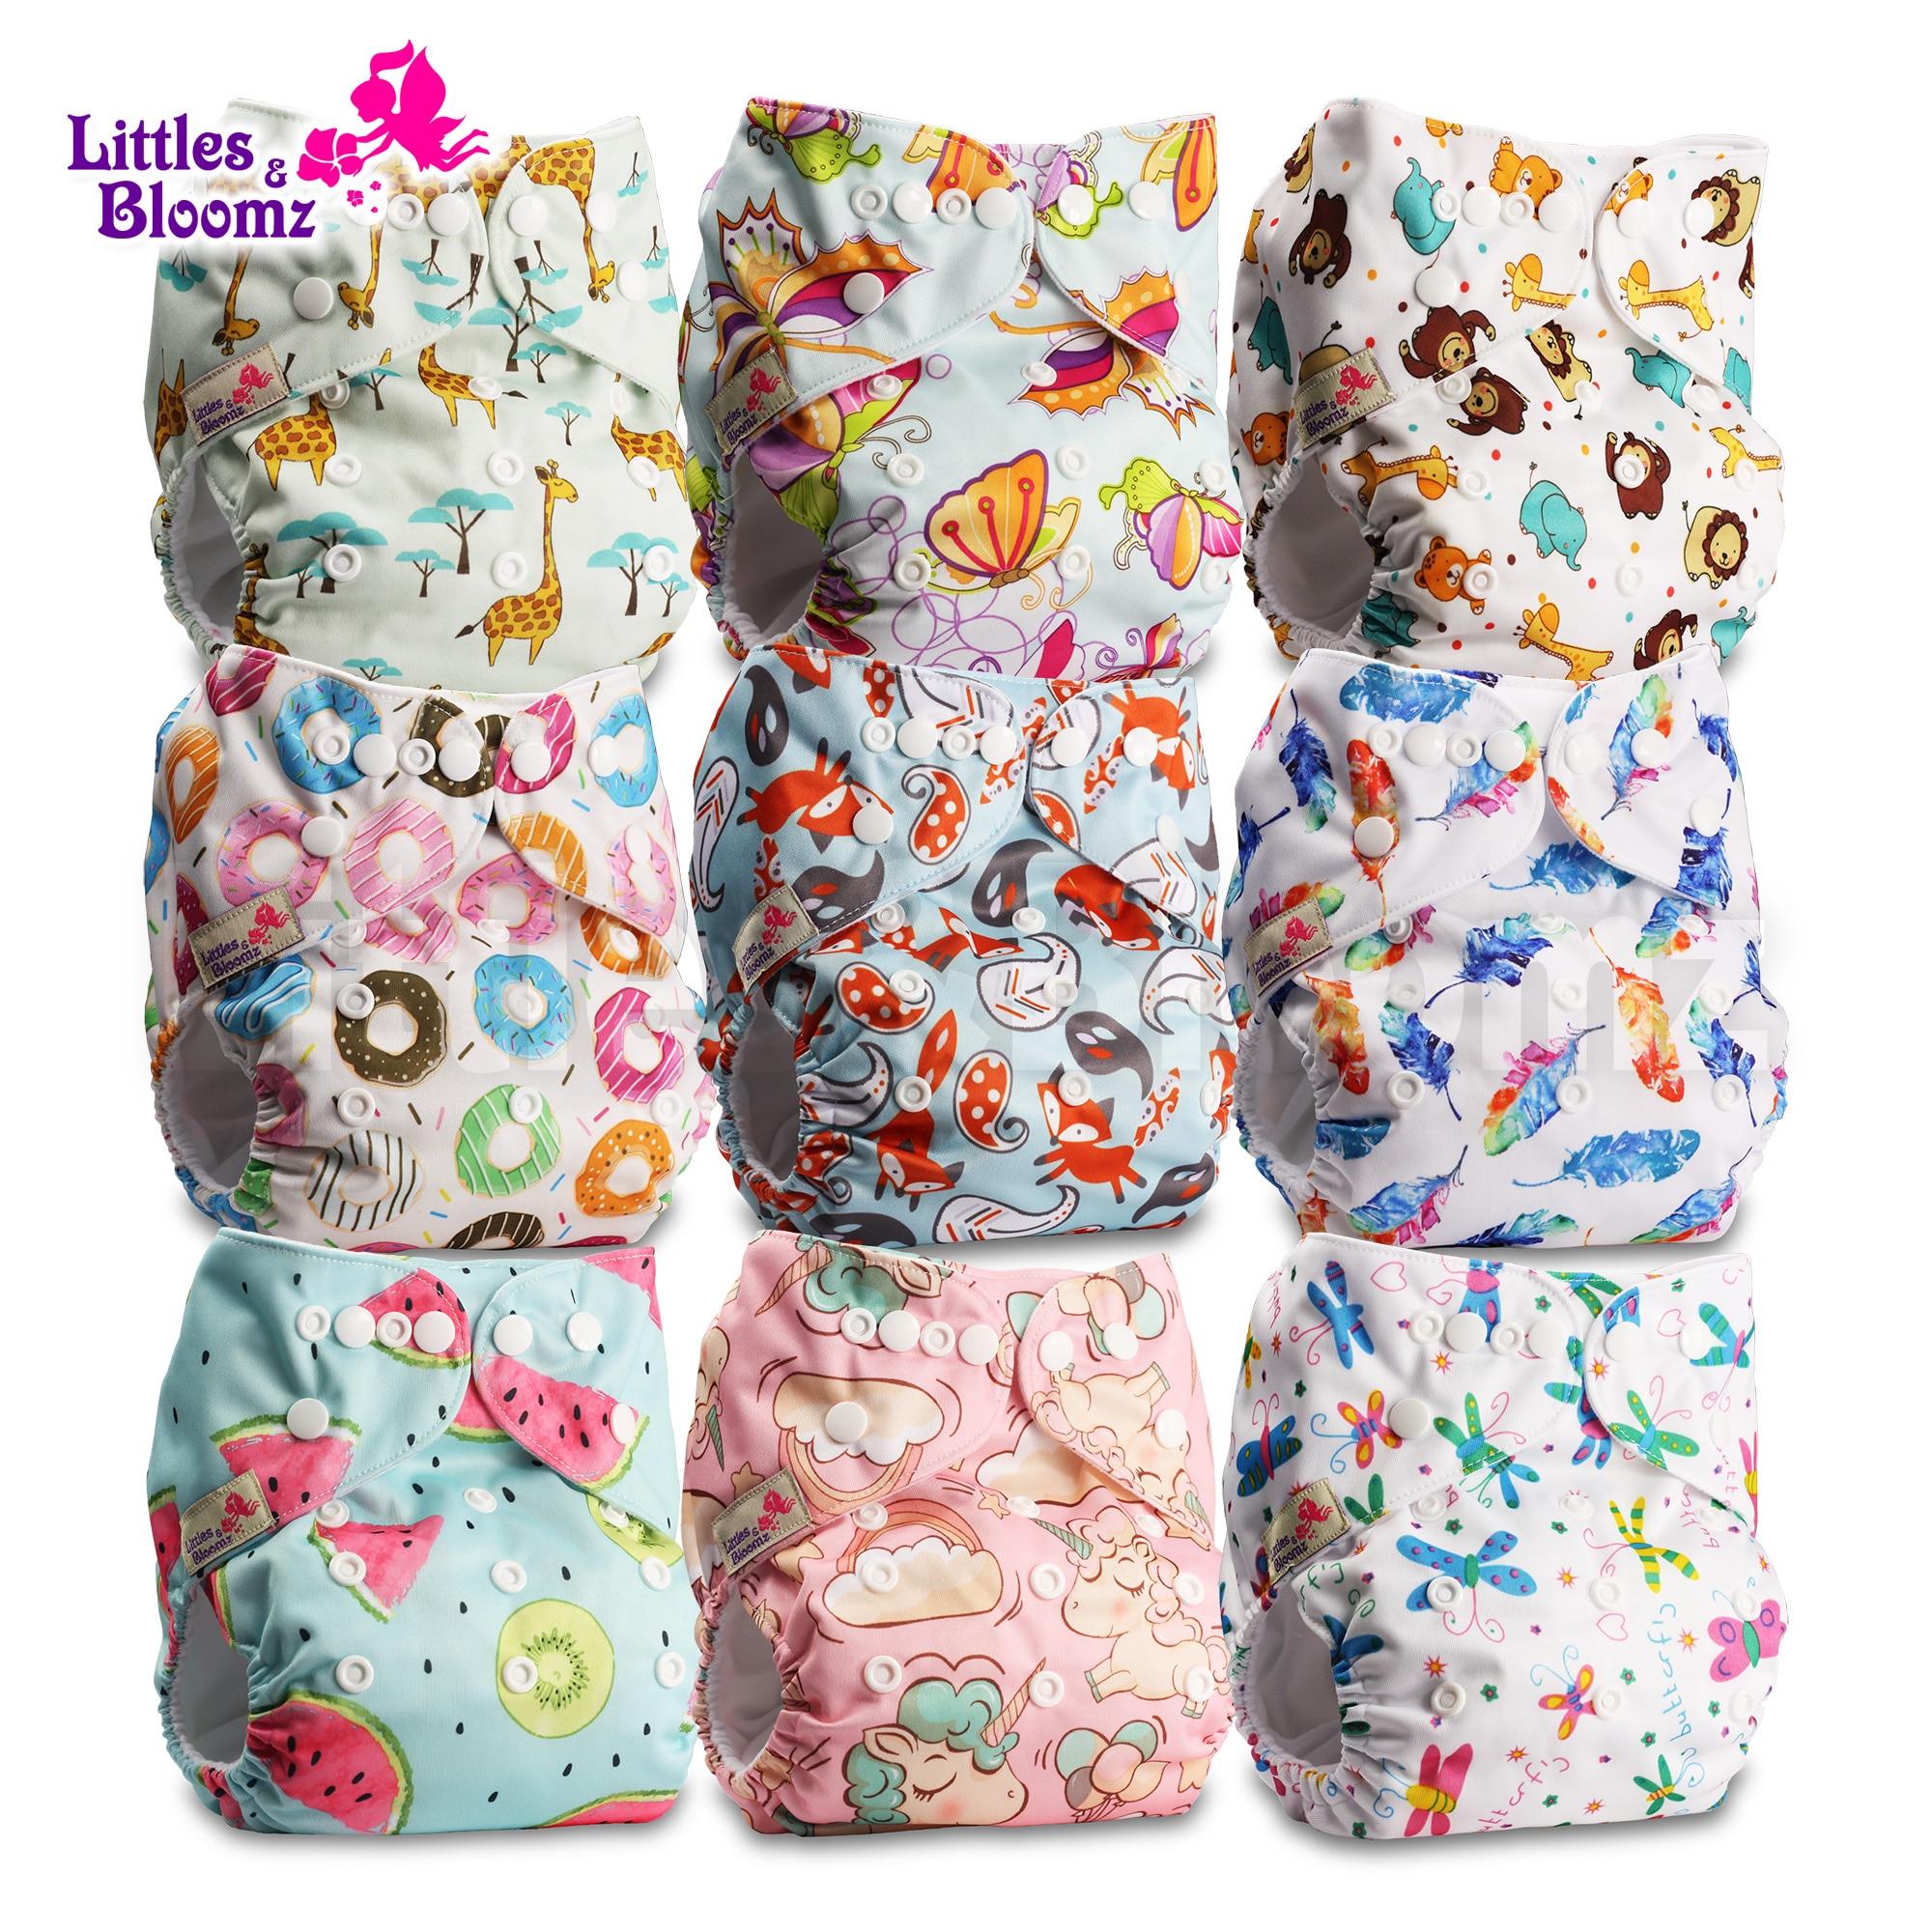 [Littles & Bloomz] 9 шт./компл. Детские Моющиеся Многоразовые настоящие тканевые Чехлы для подгузников, 9 подгузников/подгузников и 0 вставок в одном ...